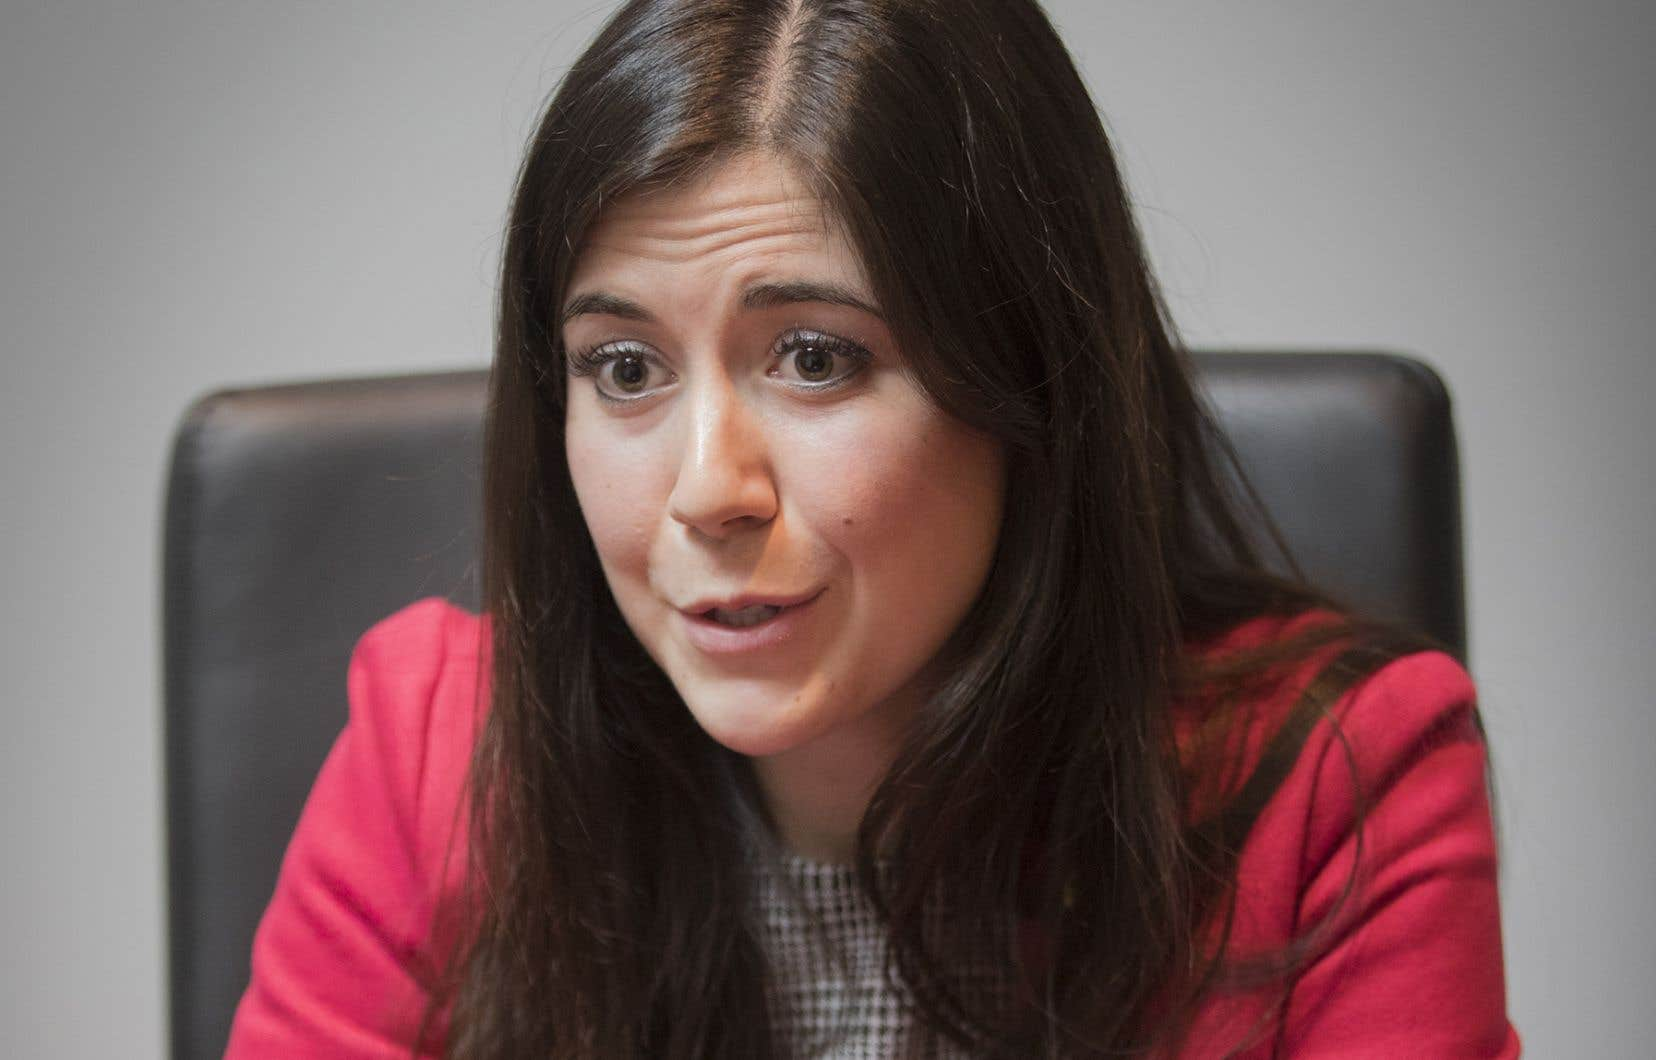 La couleur politique ne devrait pas être un facteur de sélection des jeunes pour les postes qui leur sont réservés par la loi, soulignela porte-parole du Parti québécois pour la jeunesse, Catherine Fournier.